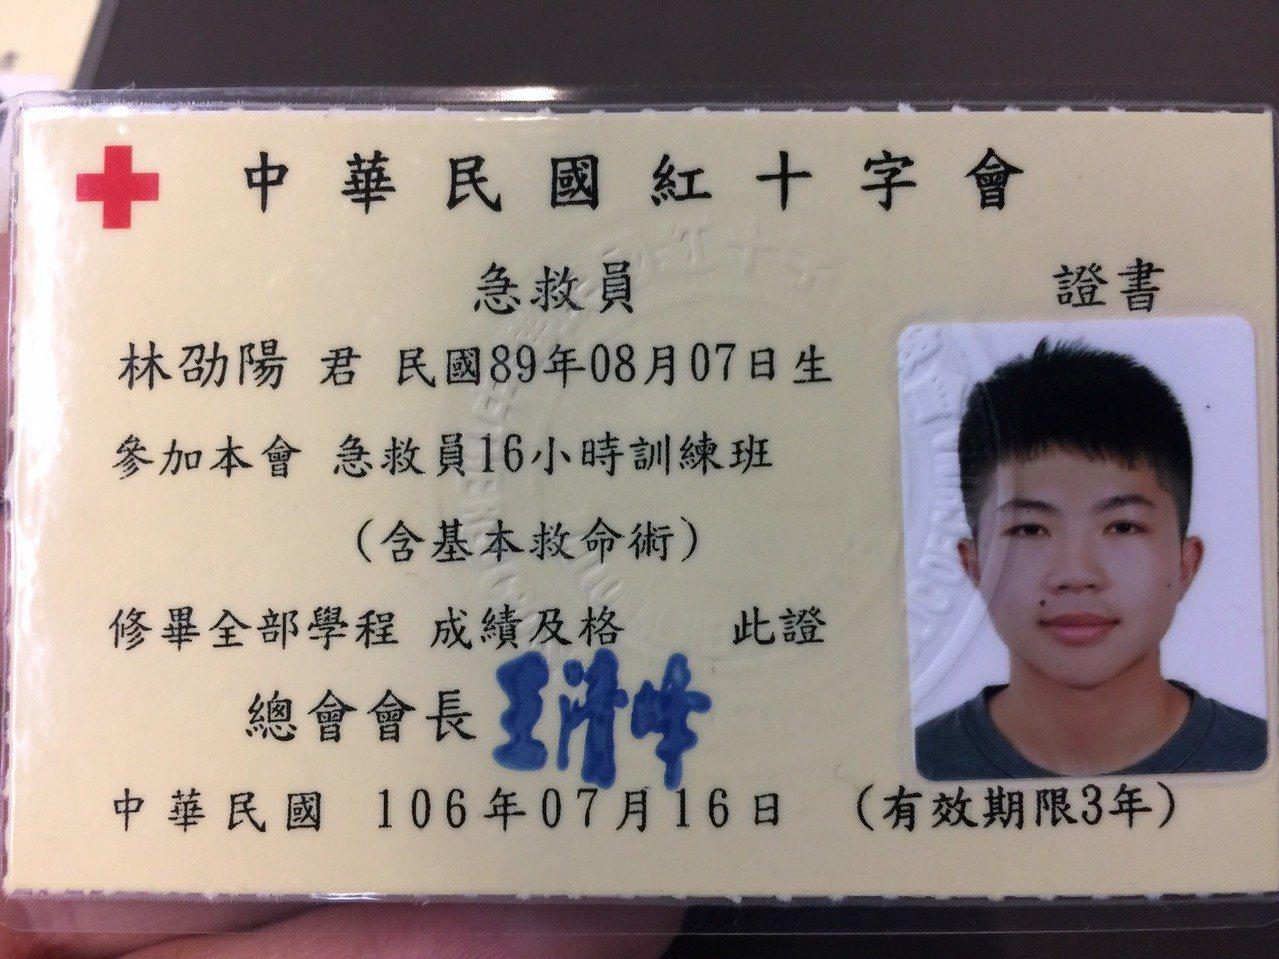 桃園市至善高中學生三年級林劭陽,順利考取中華民國紅十字會急救員證照,也是18歲以...